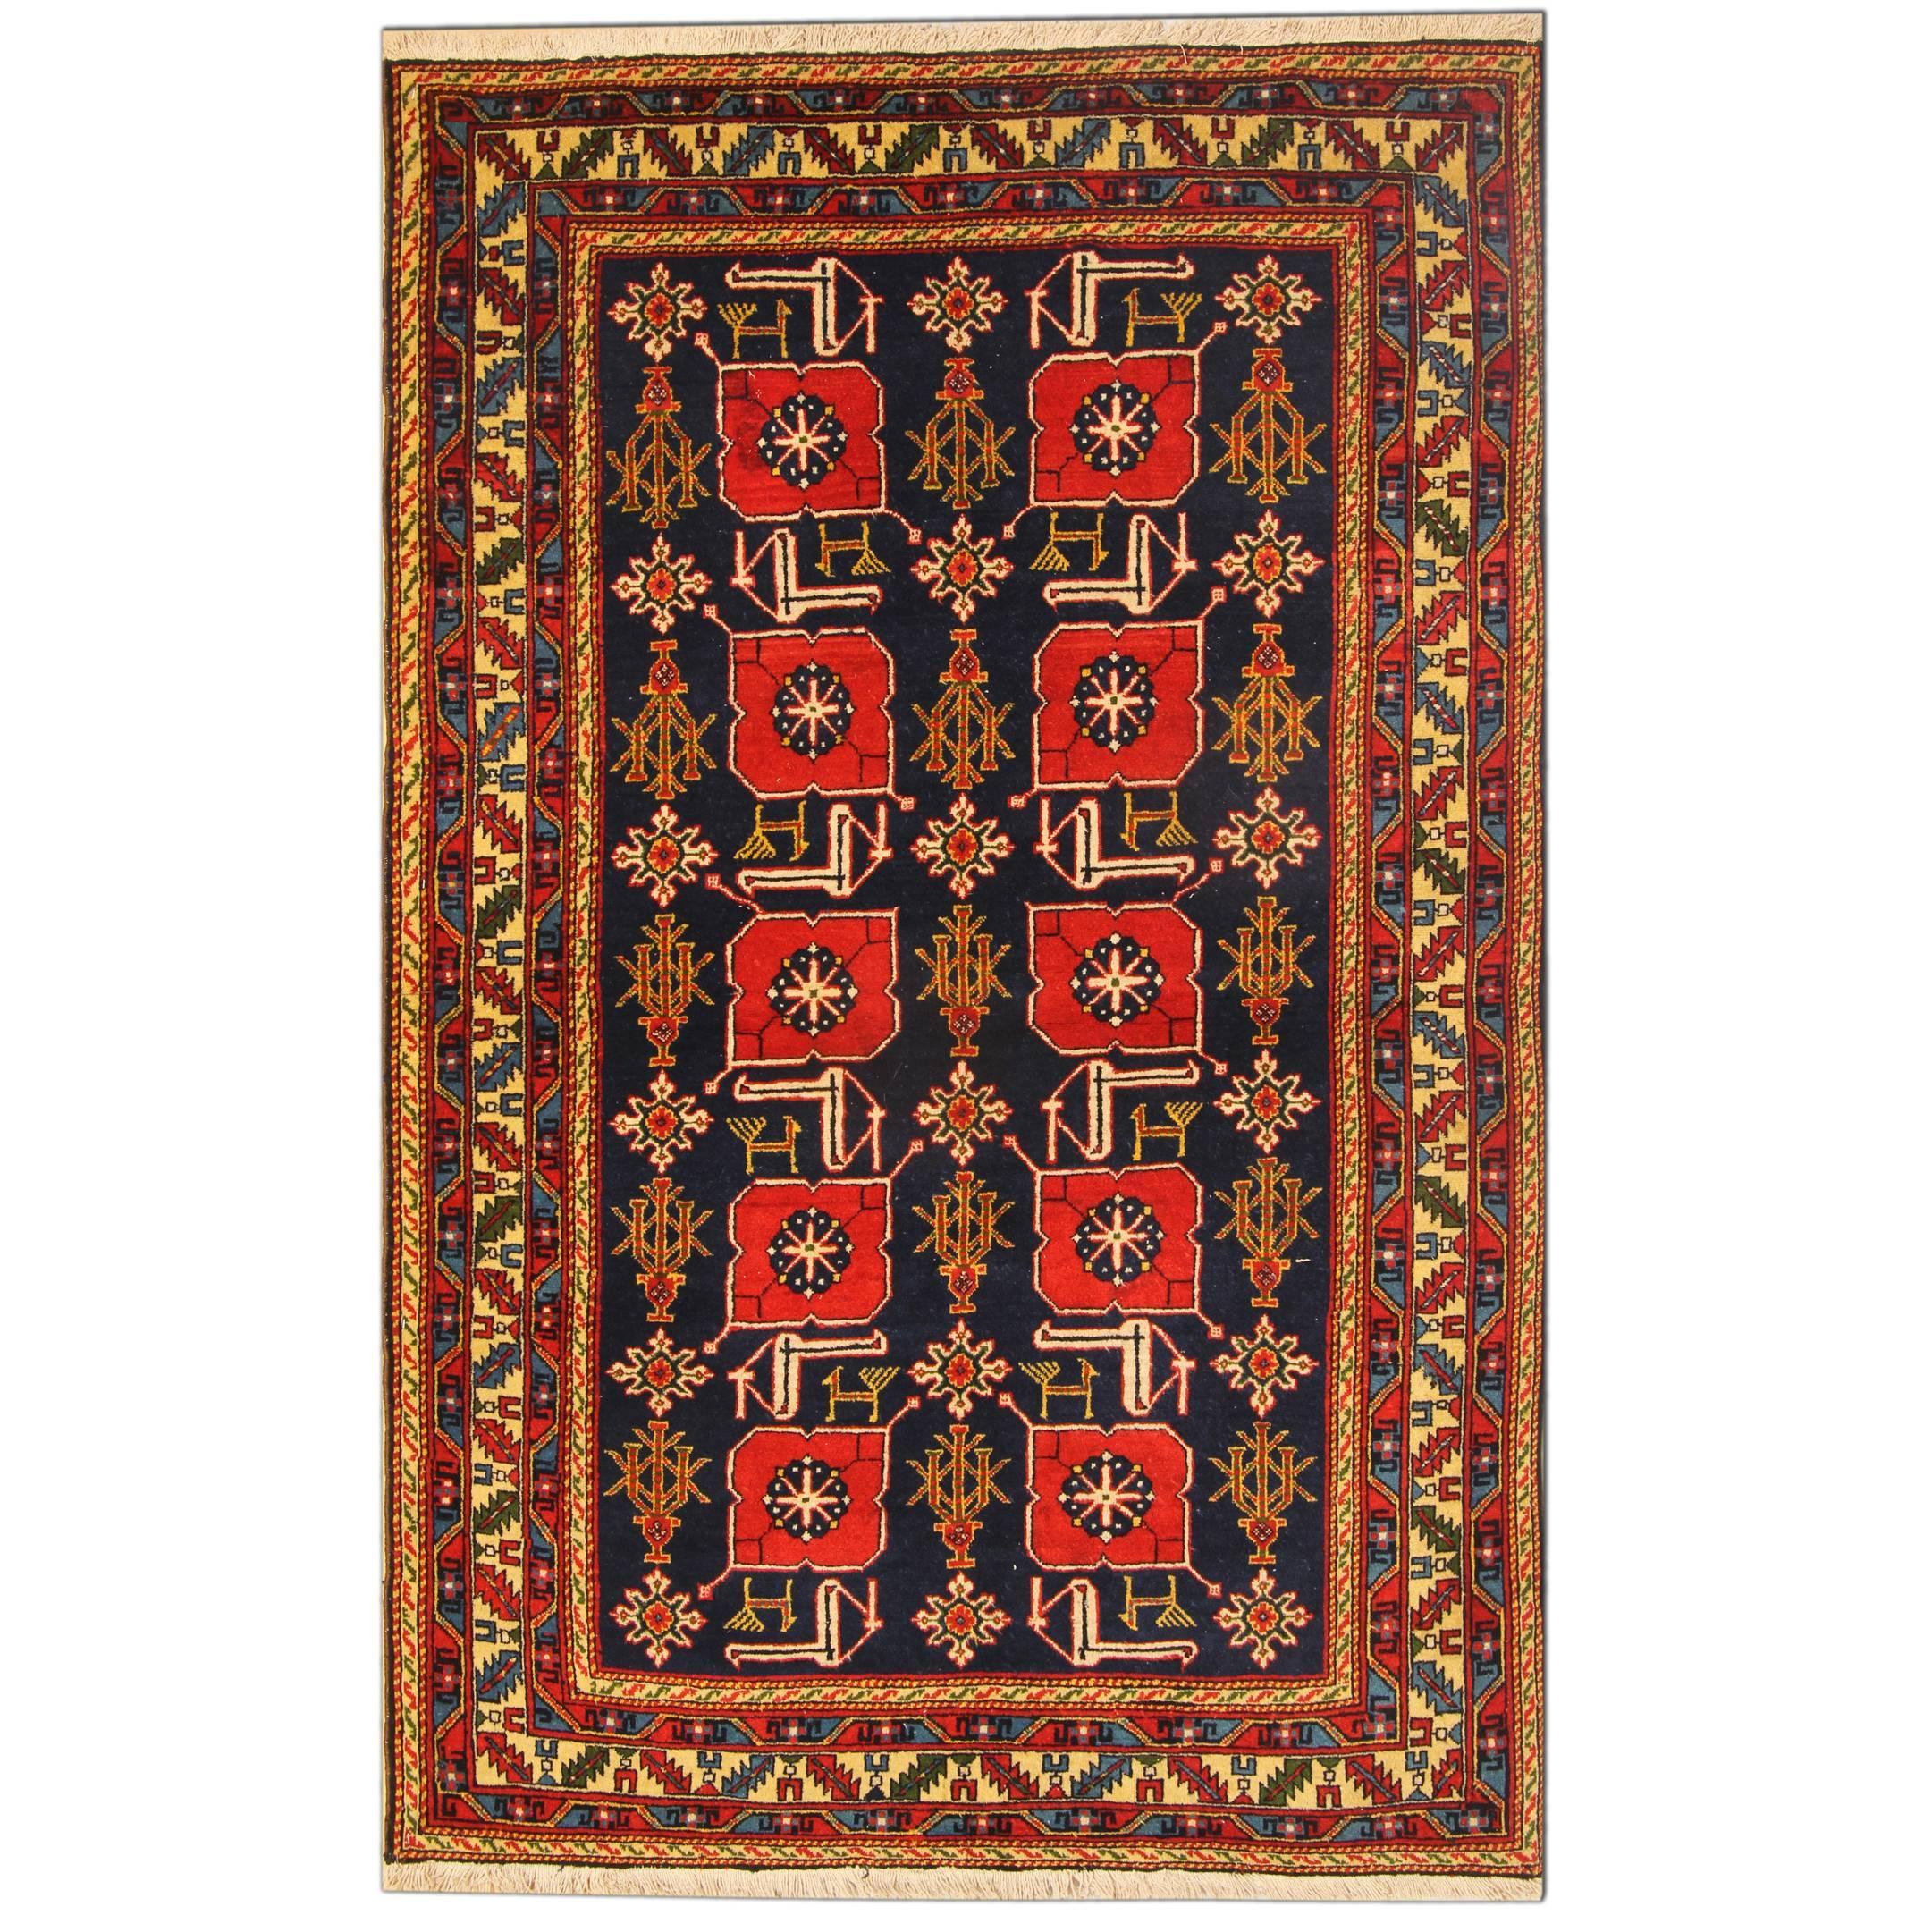 Antique Rugs, Karabagh Antique Oriental Rugs, Caucasian Carpet